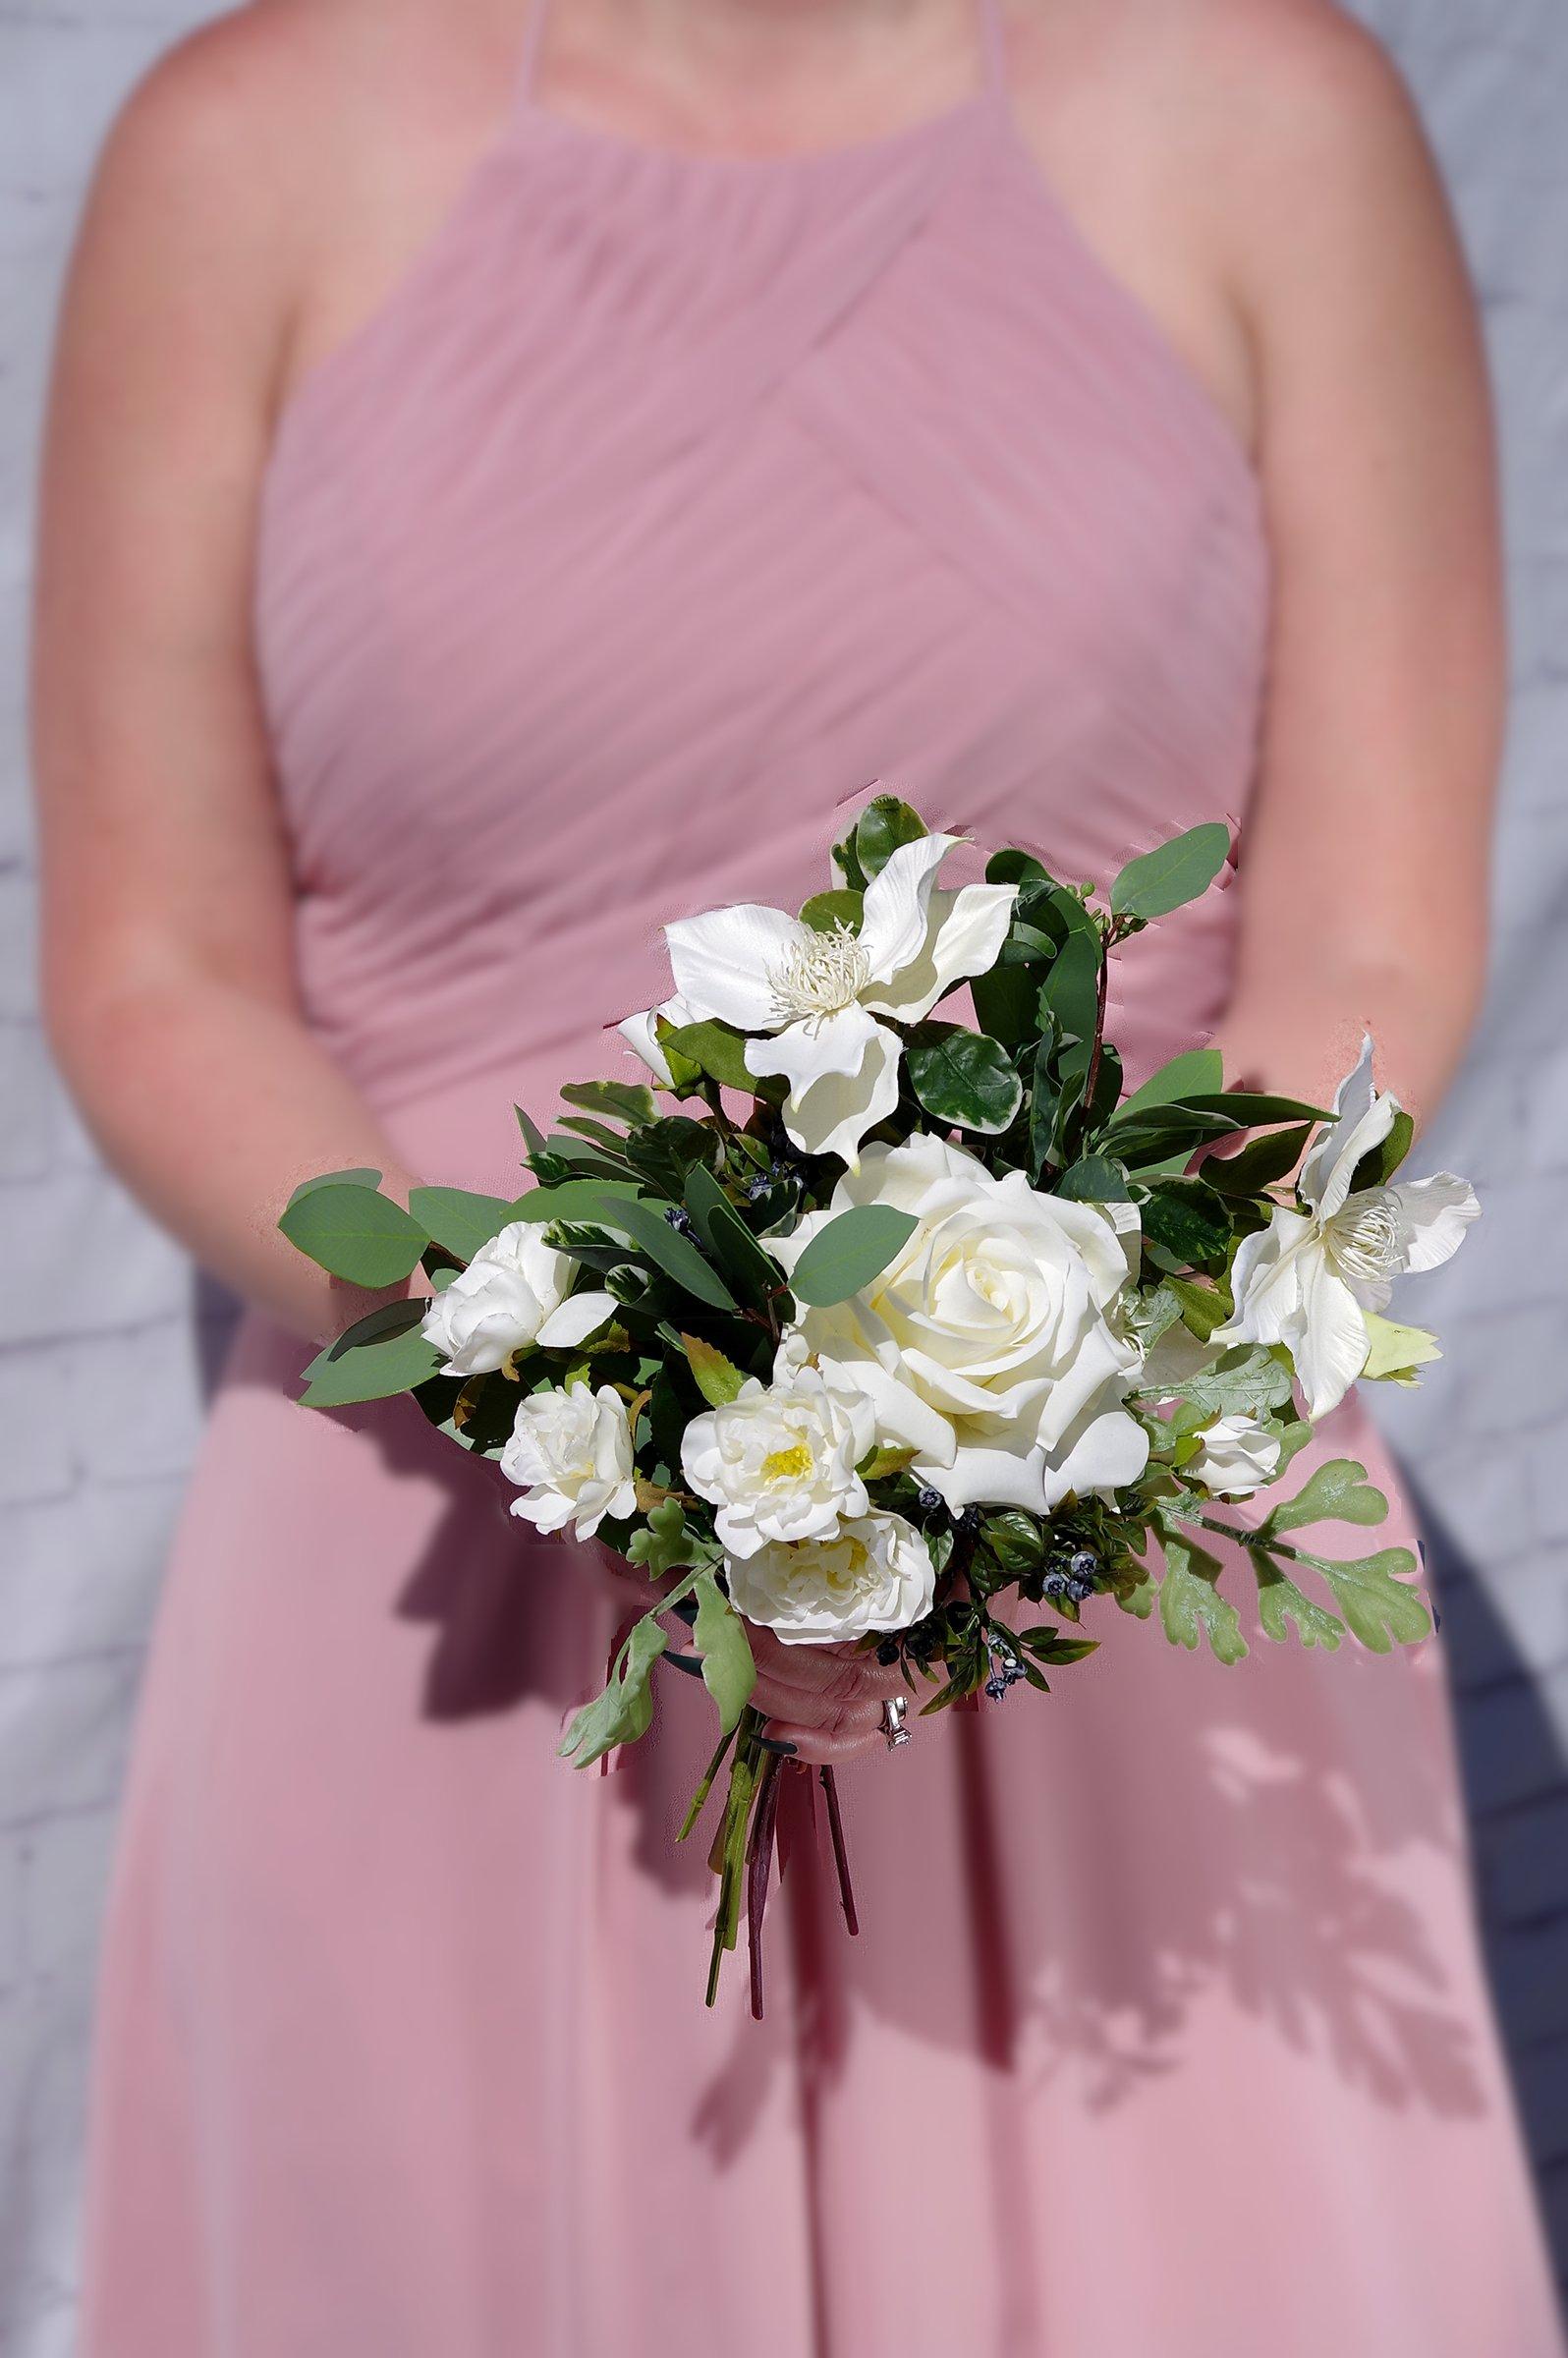 Kingston Florist: Bride Holding A Bouquet